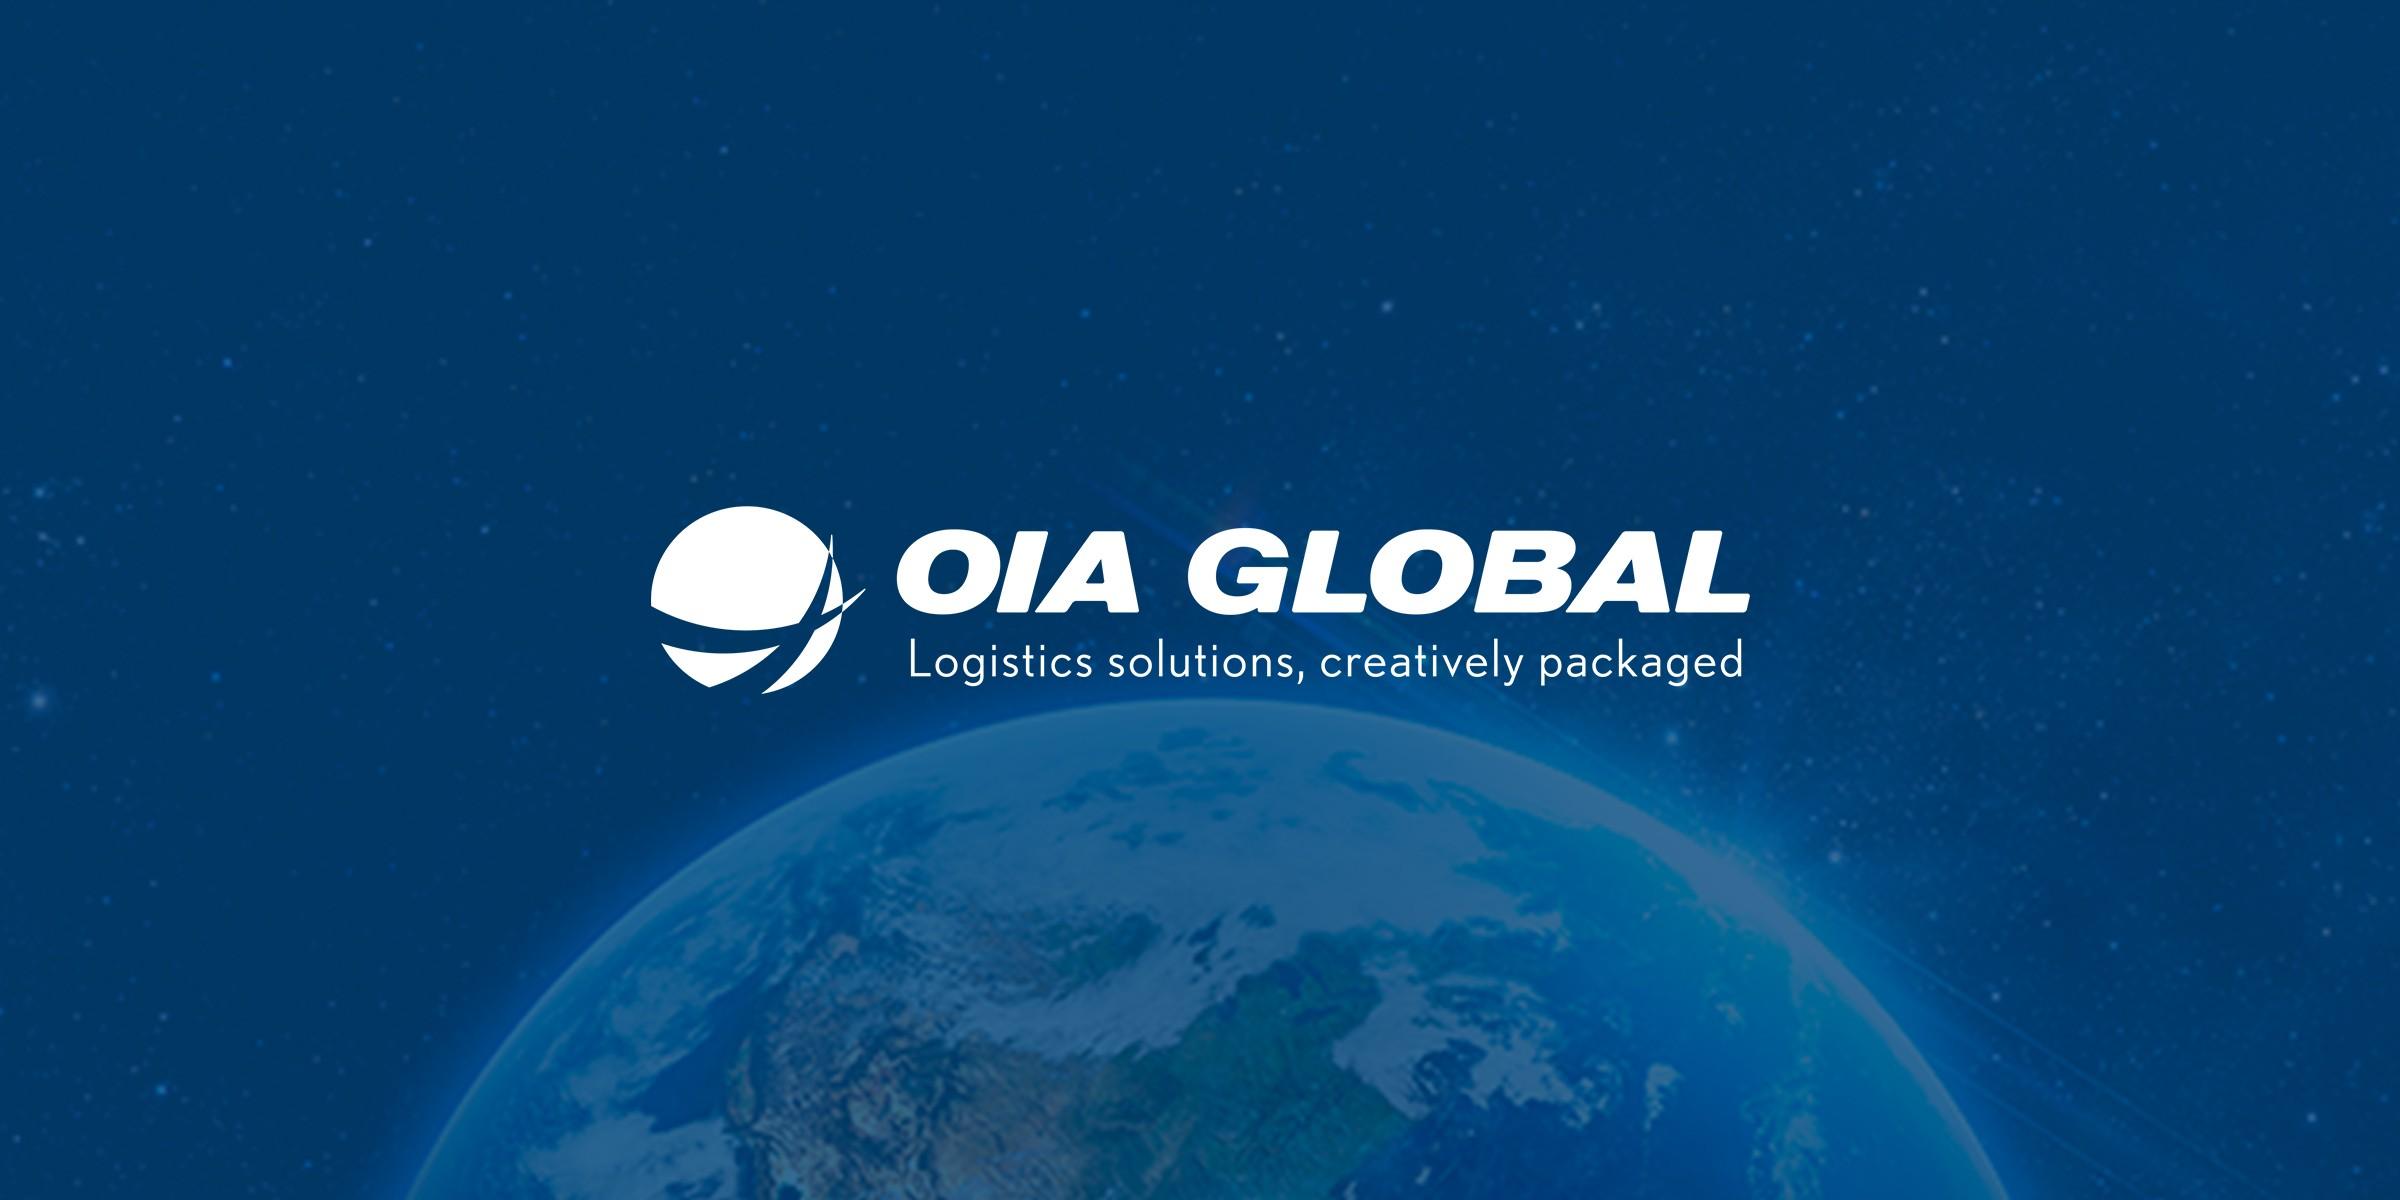 OIA GLOBAL | LinkedIn